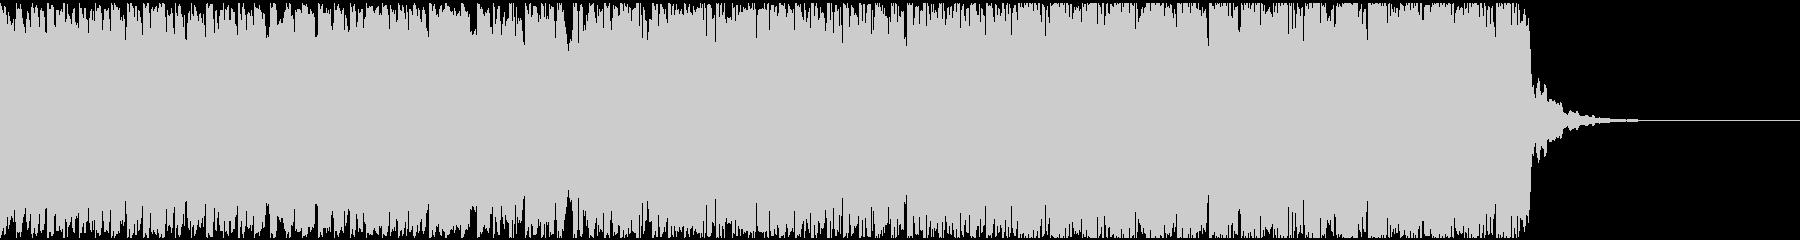 【アンビエント】ロング1の未再生の波形